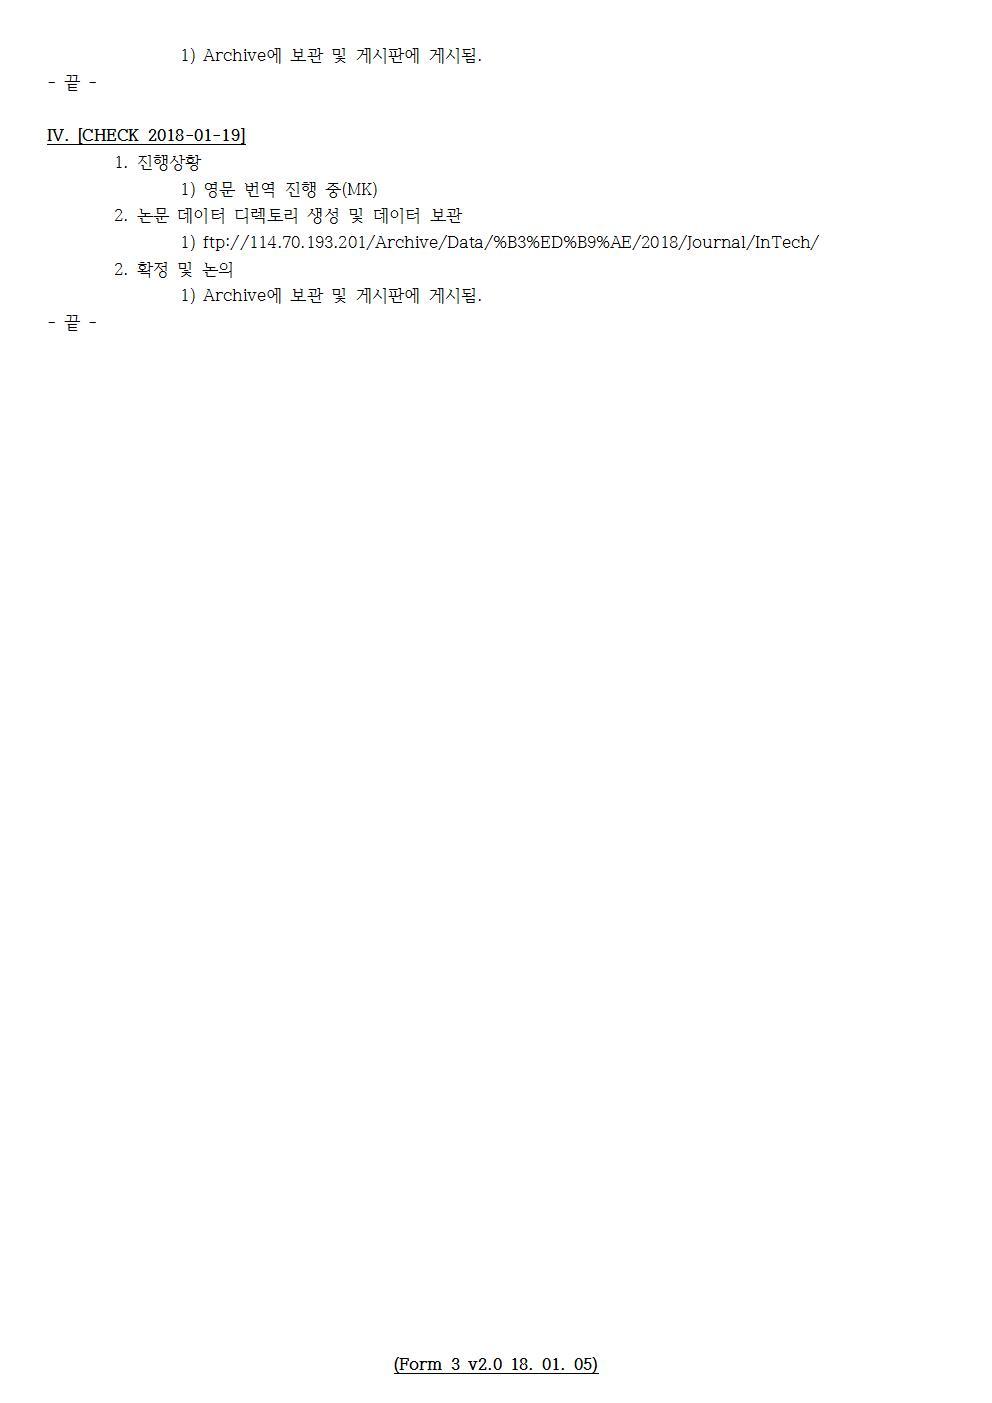 D-[18-007-PP-01]-[InTechdT-Calculus]-[2018-01-19][SH]002.jpg